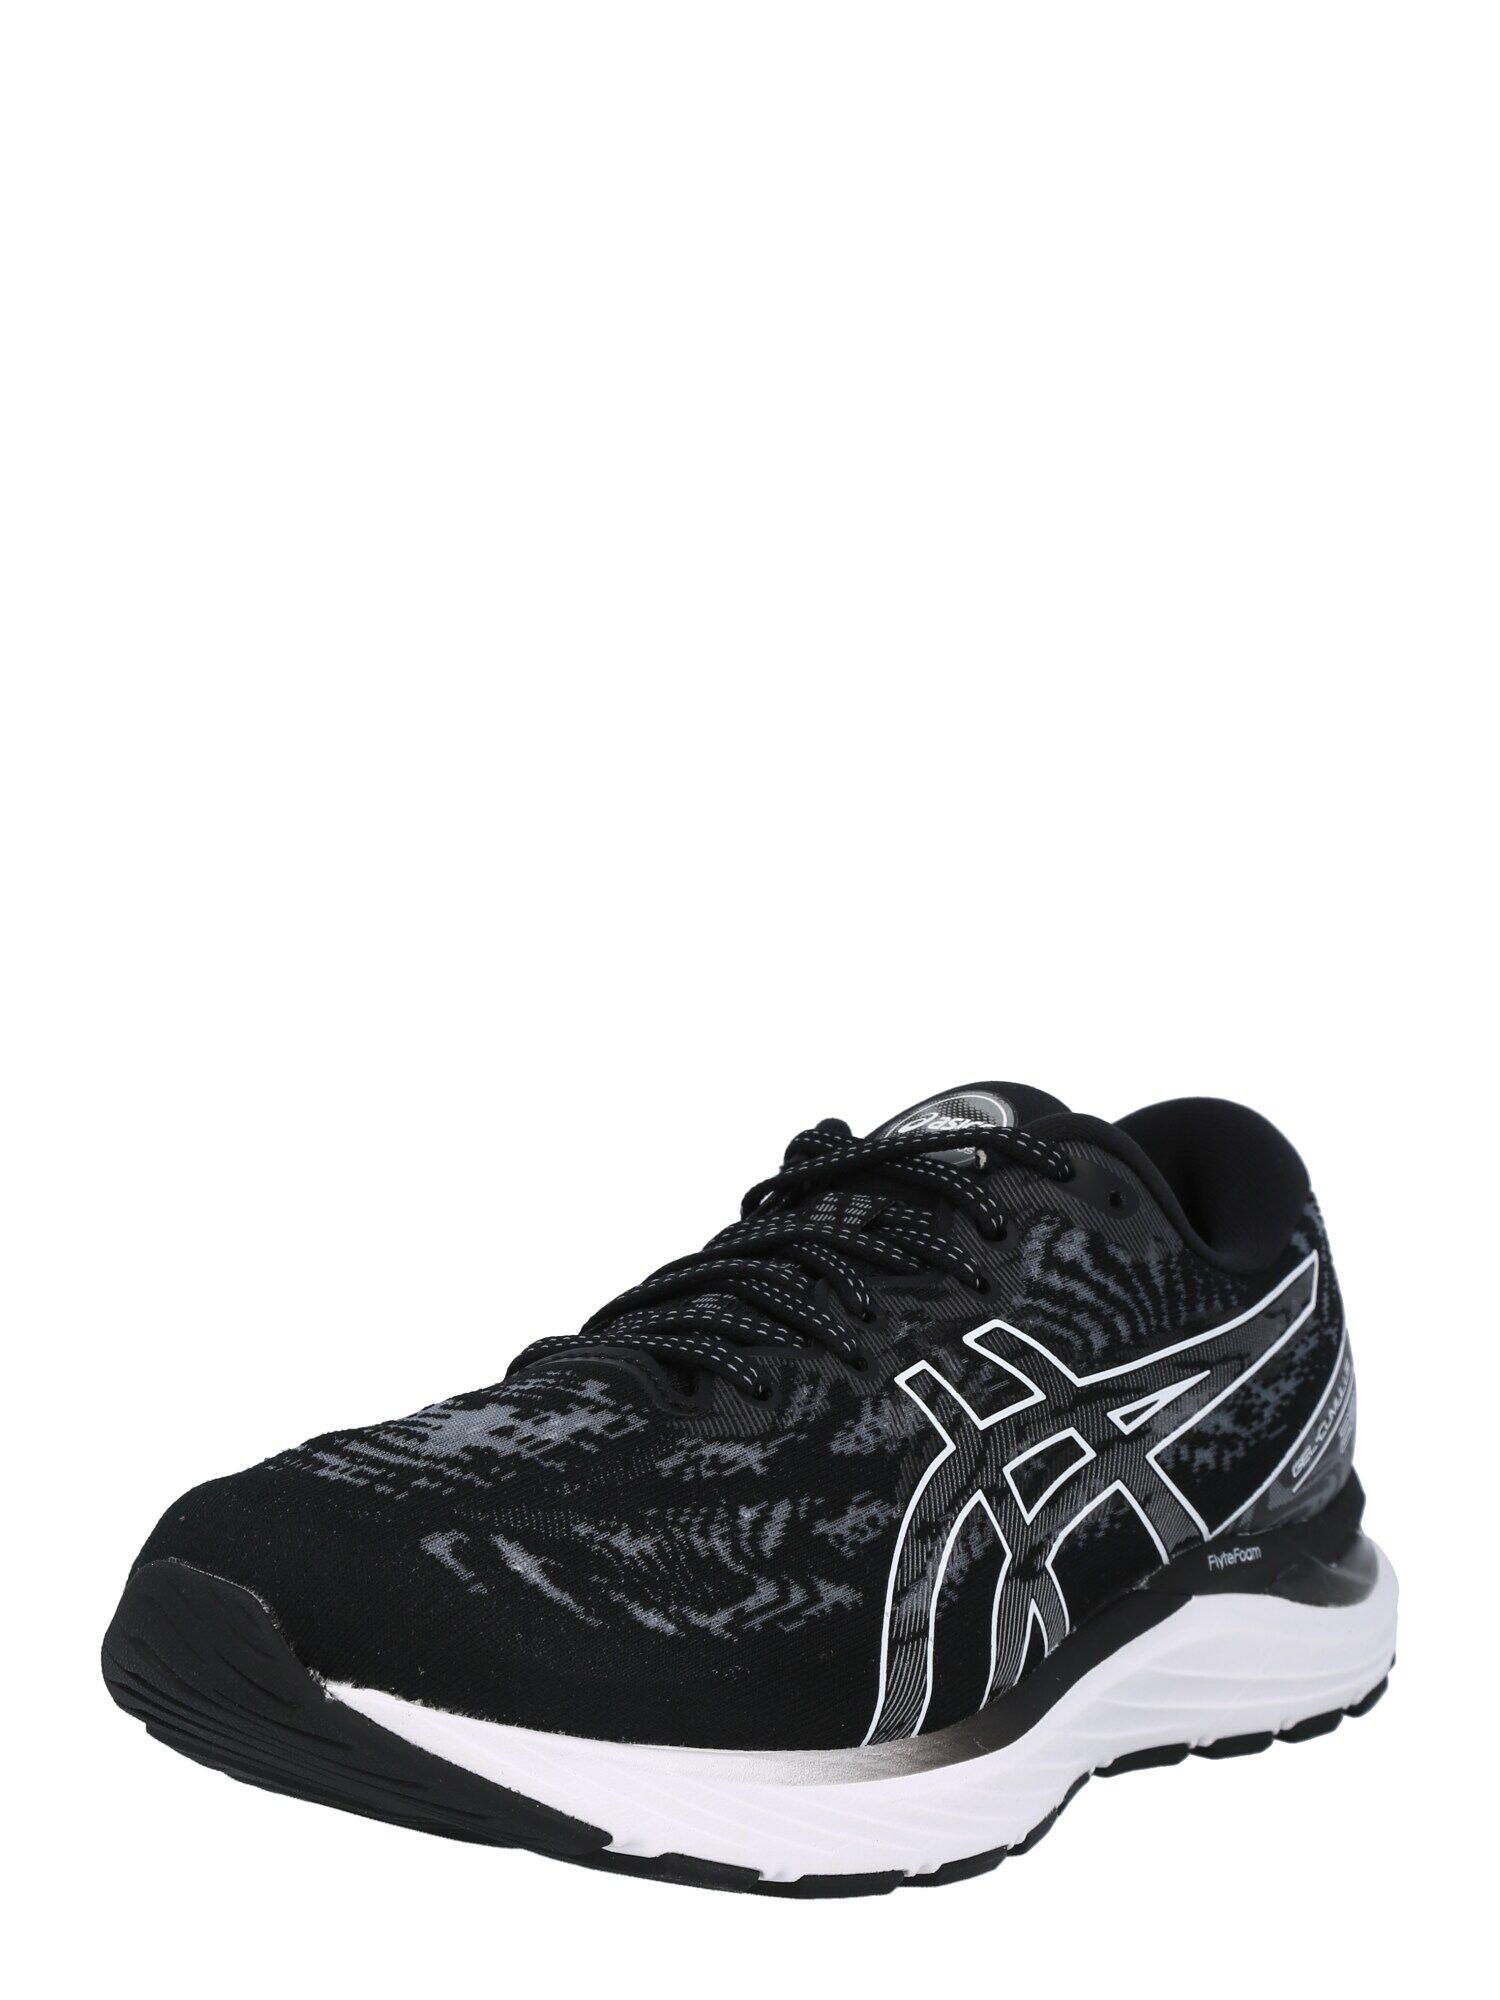 Asics Chaussure de course  - Noir - Taille: 41.5 - male